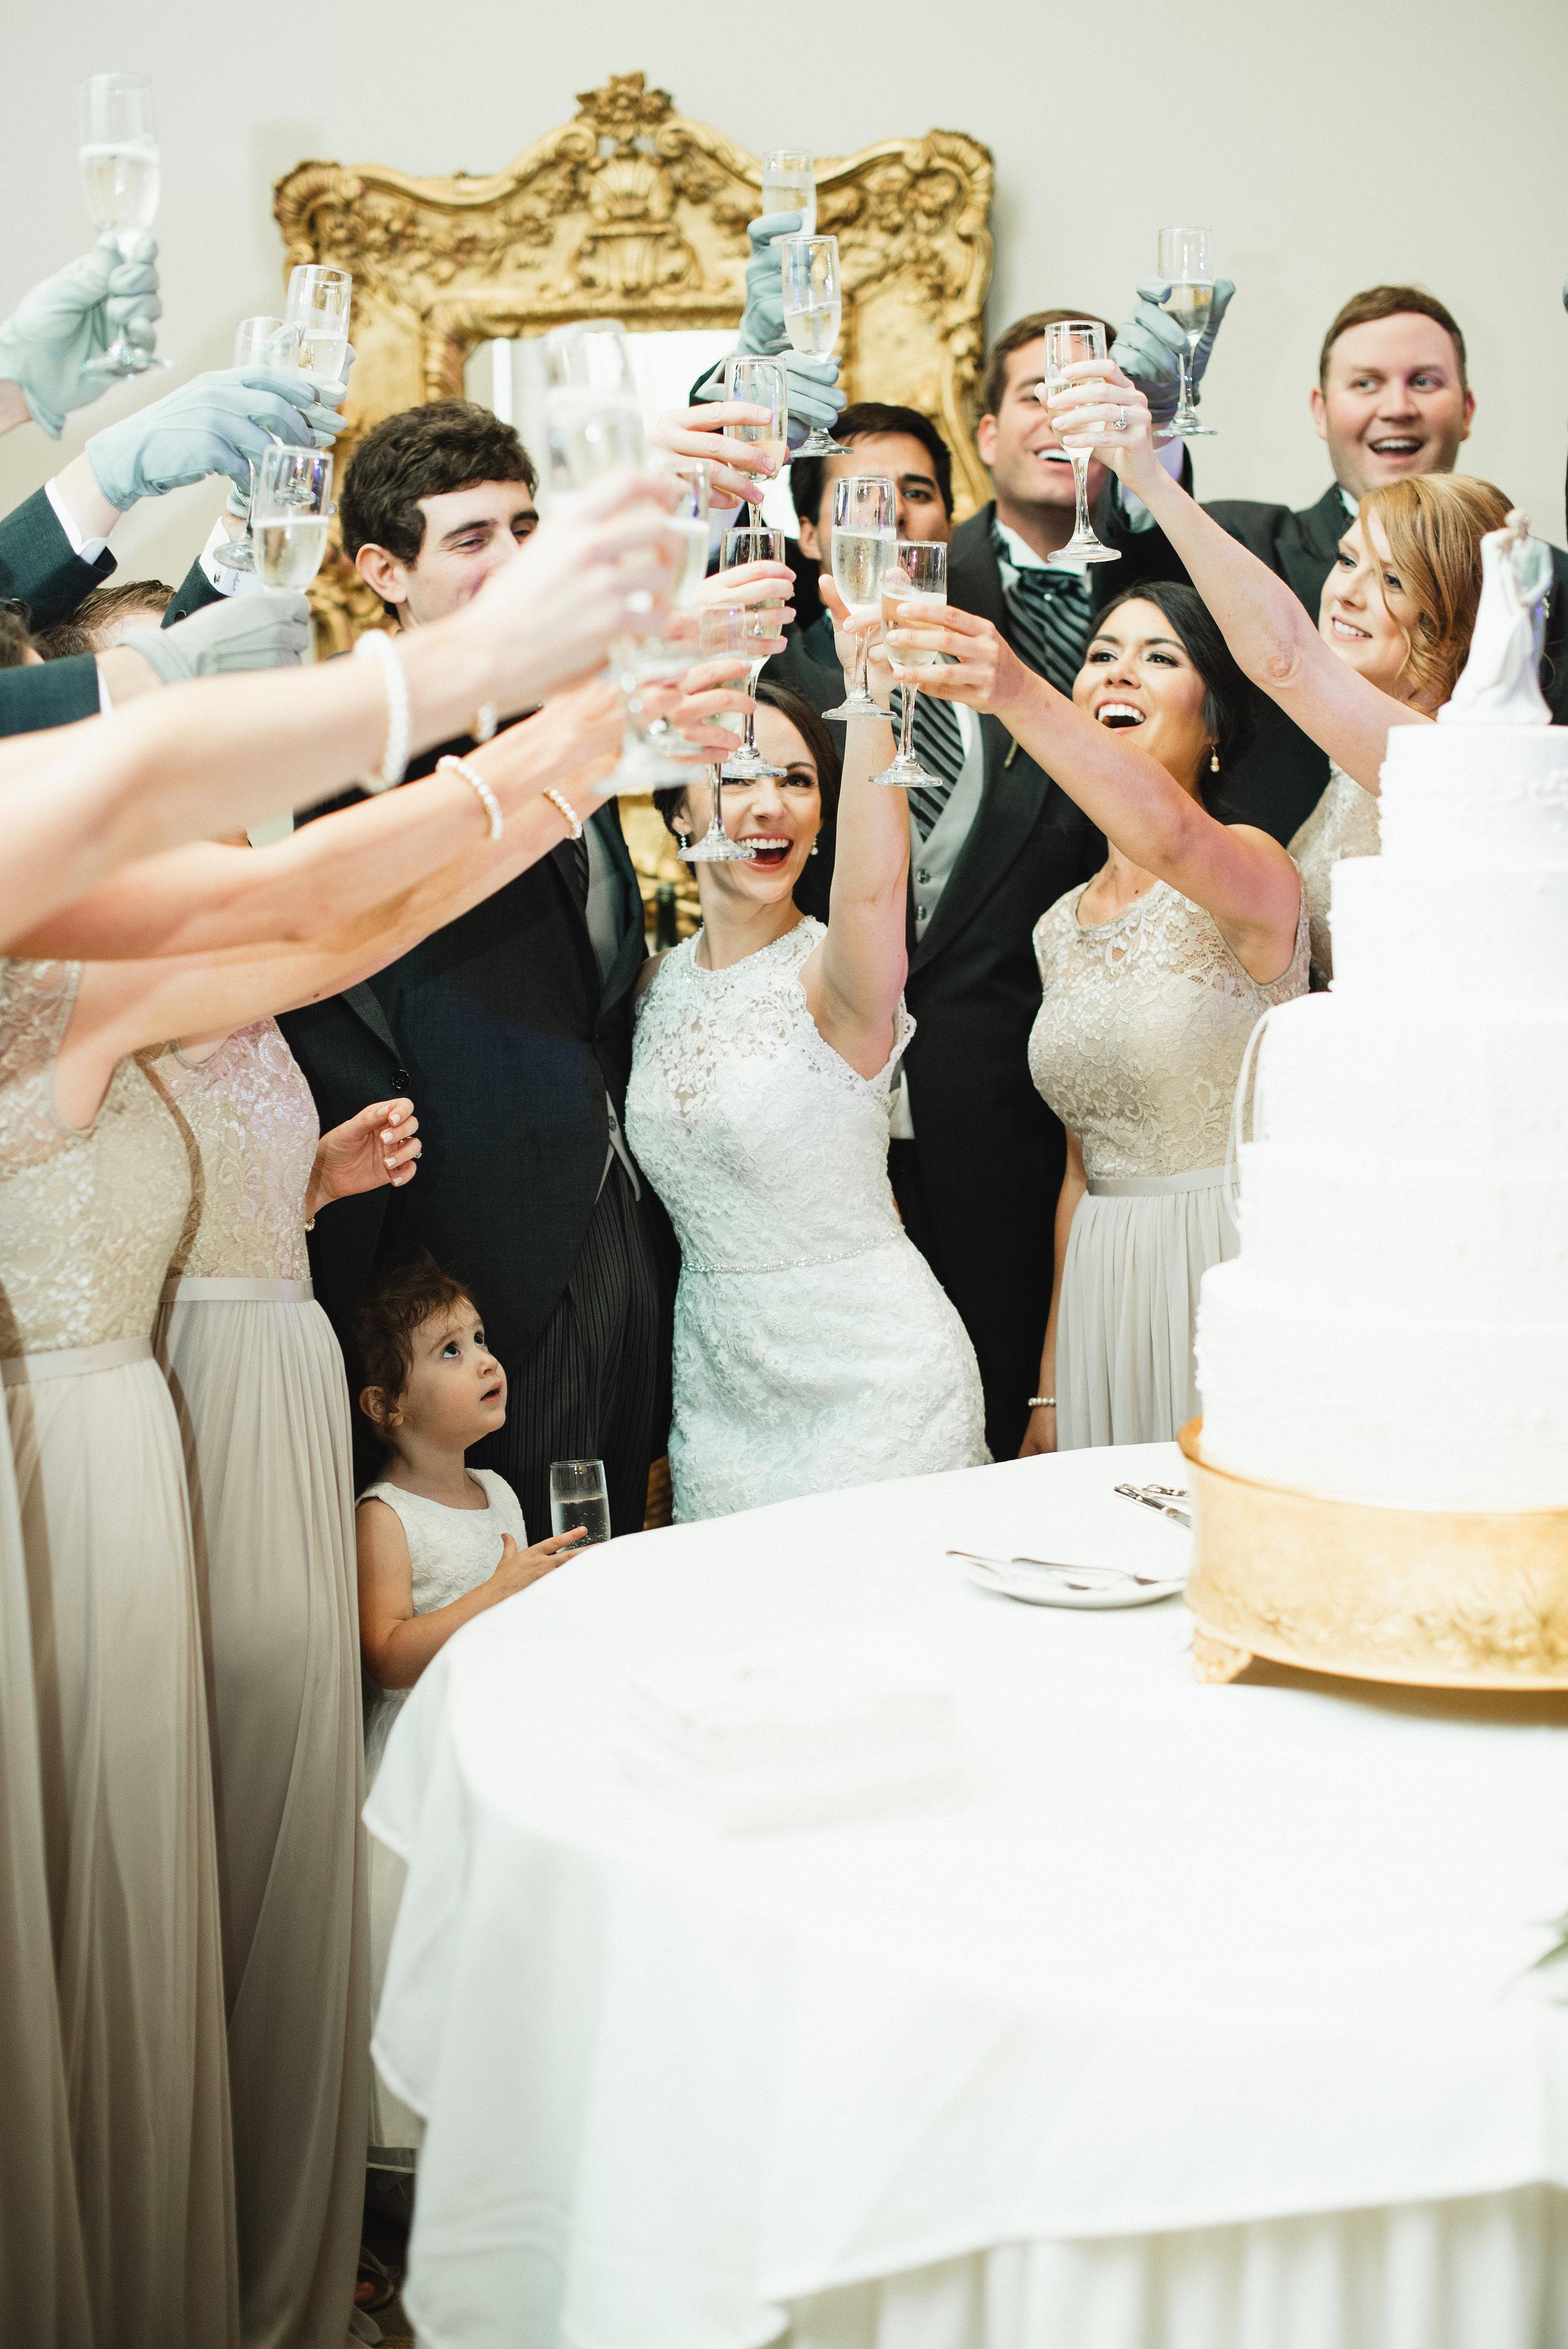 Ducote_Naccari_wedding_0651.jpg